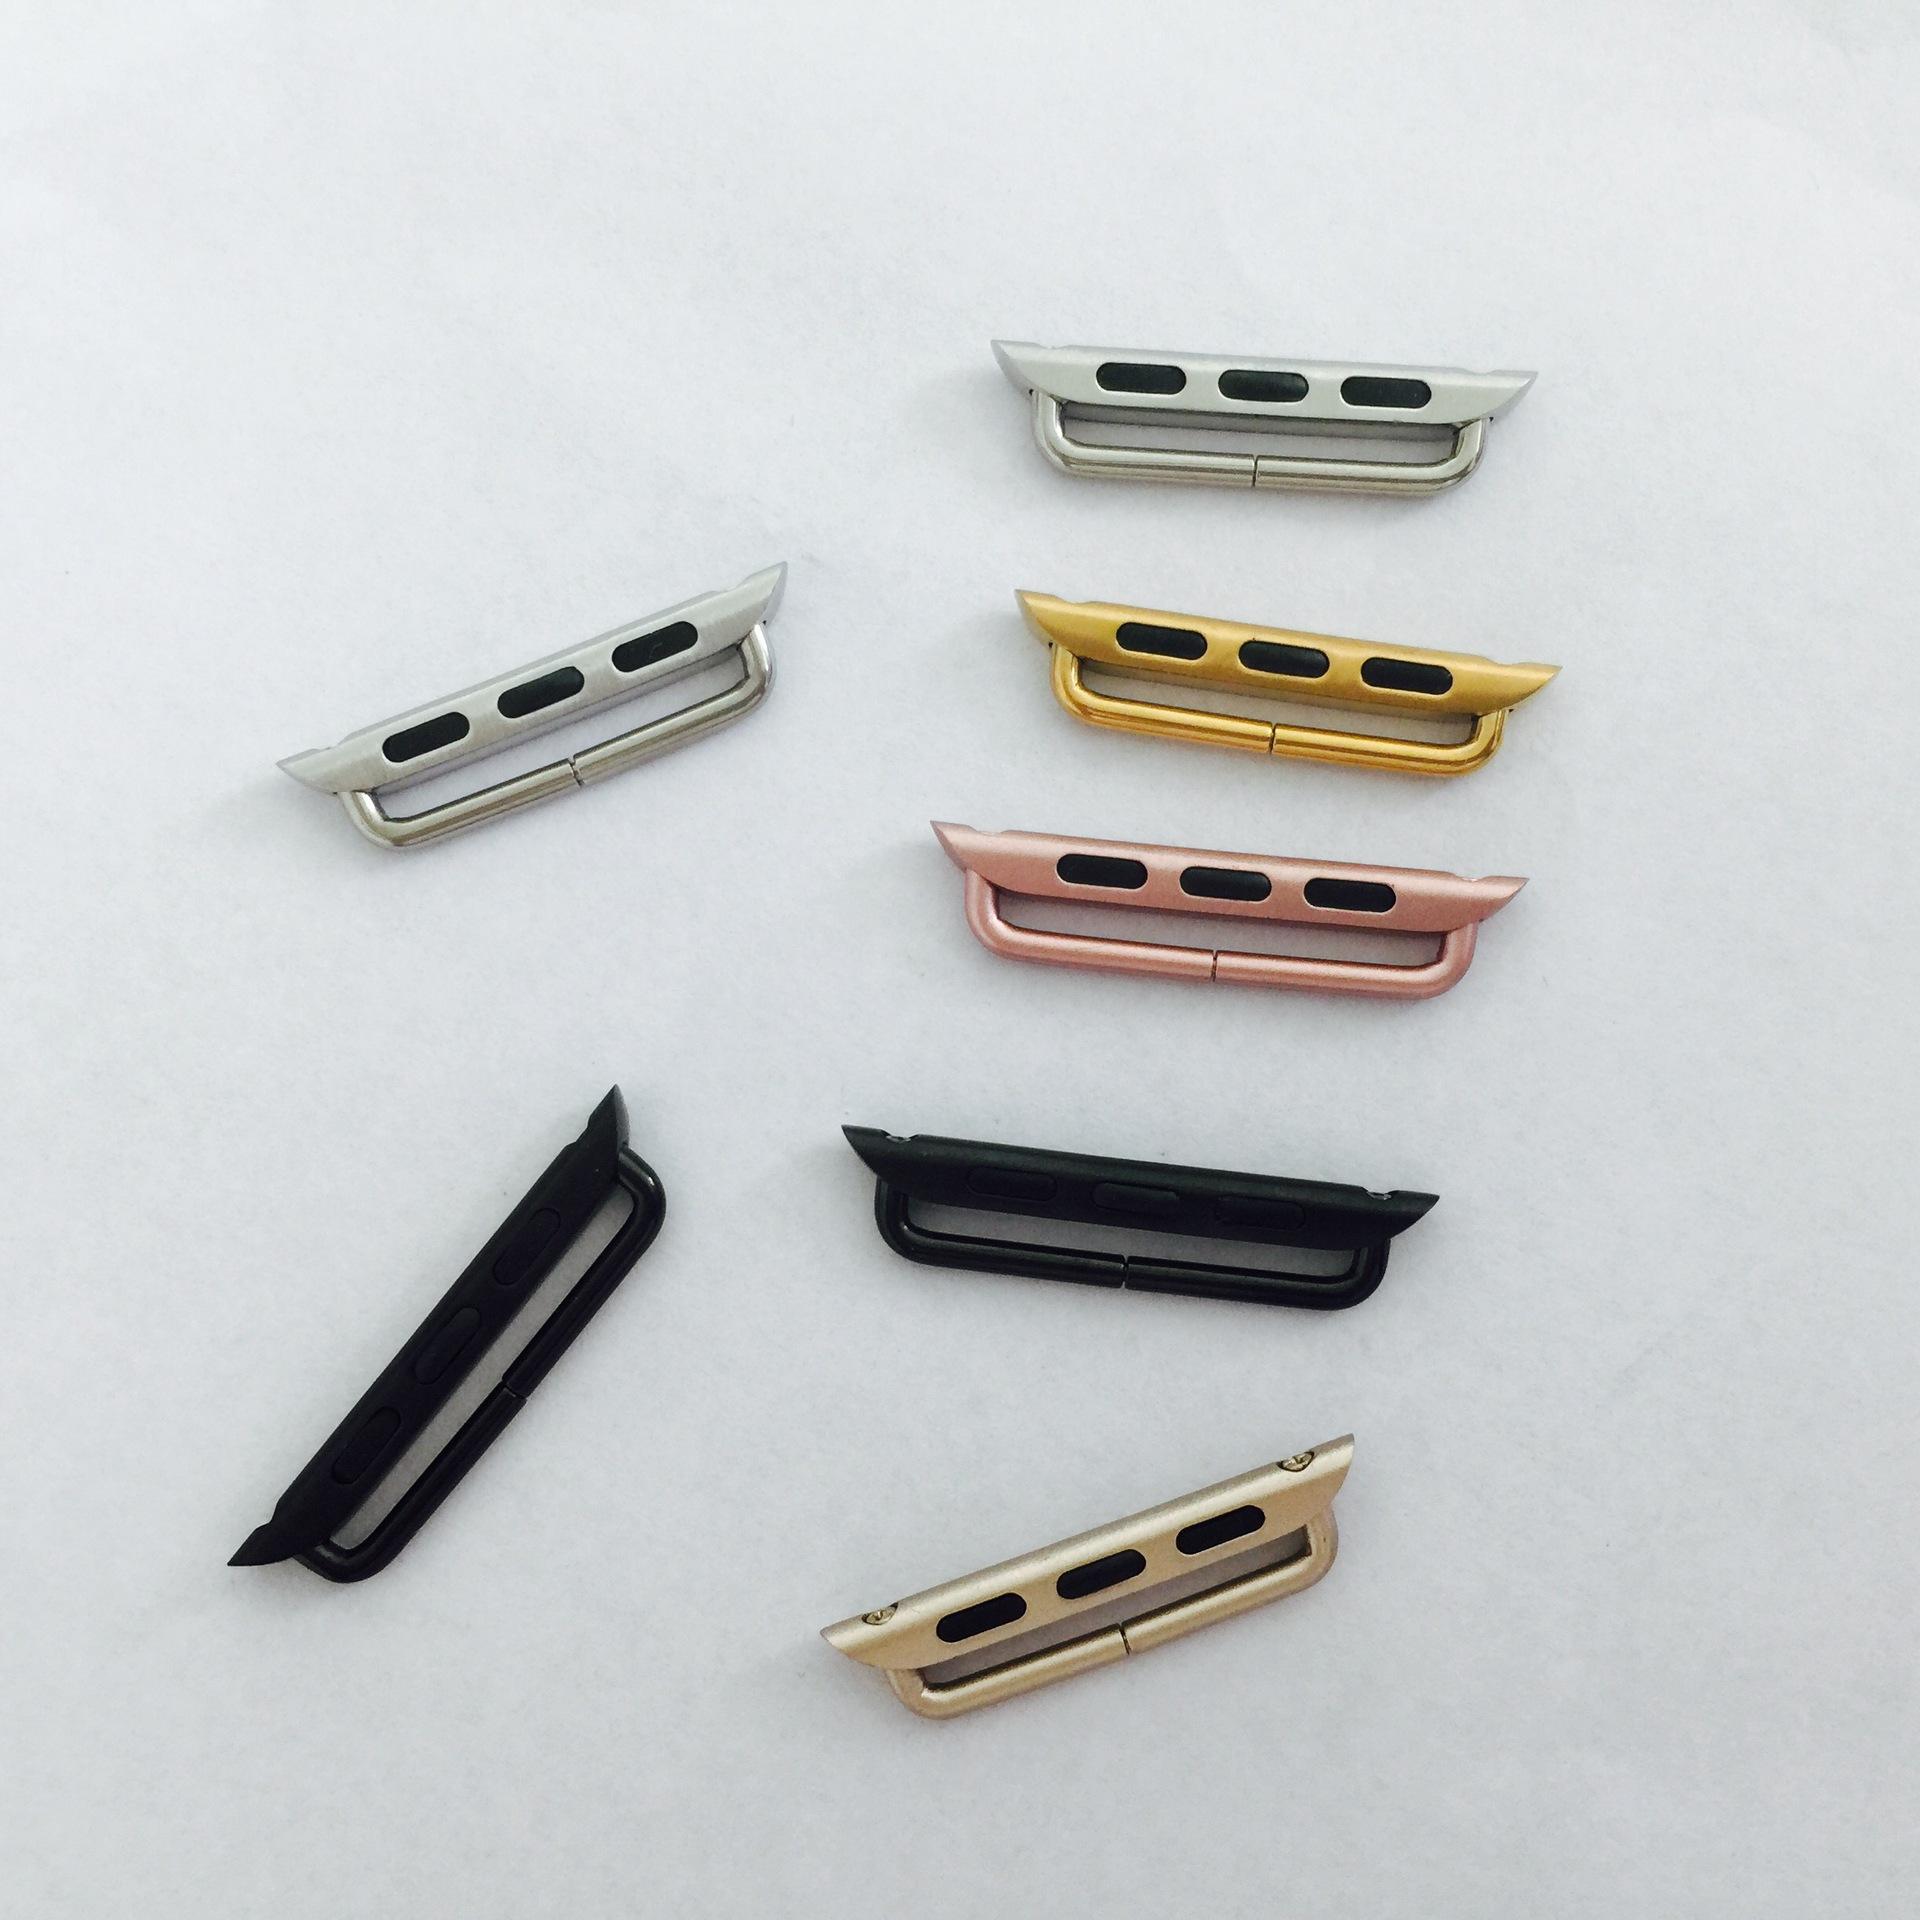 Ett par Metal Band Adapter Connector för Apple Watch Serie 6 5 4 3 1 2 SE 38mm 42mm 40mm 44mm SPORT EDITION WATCHBAND 100 par / partier